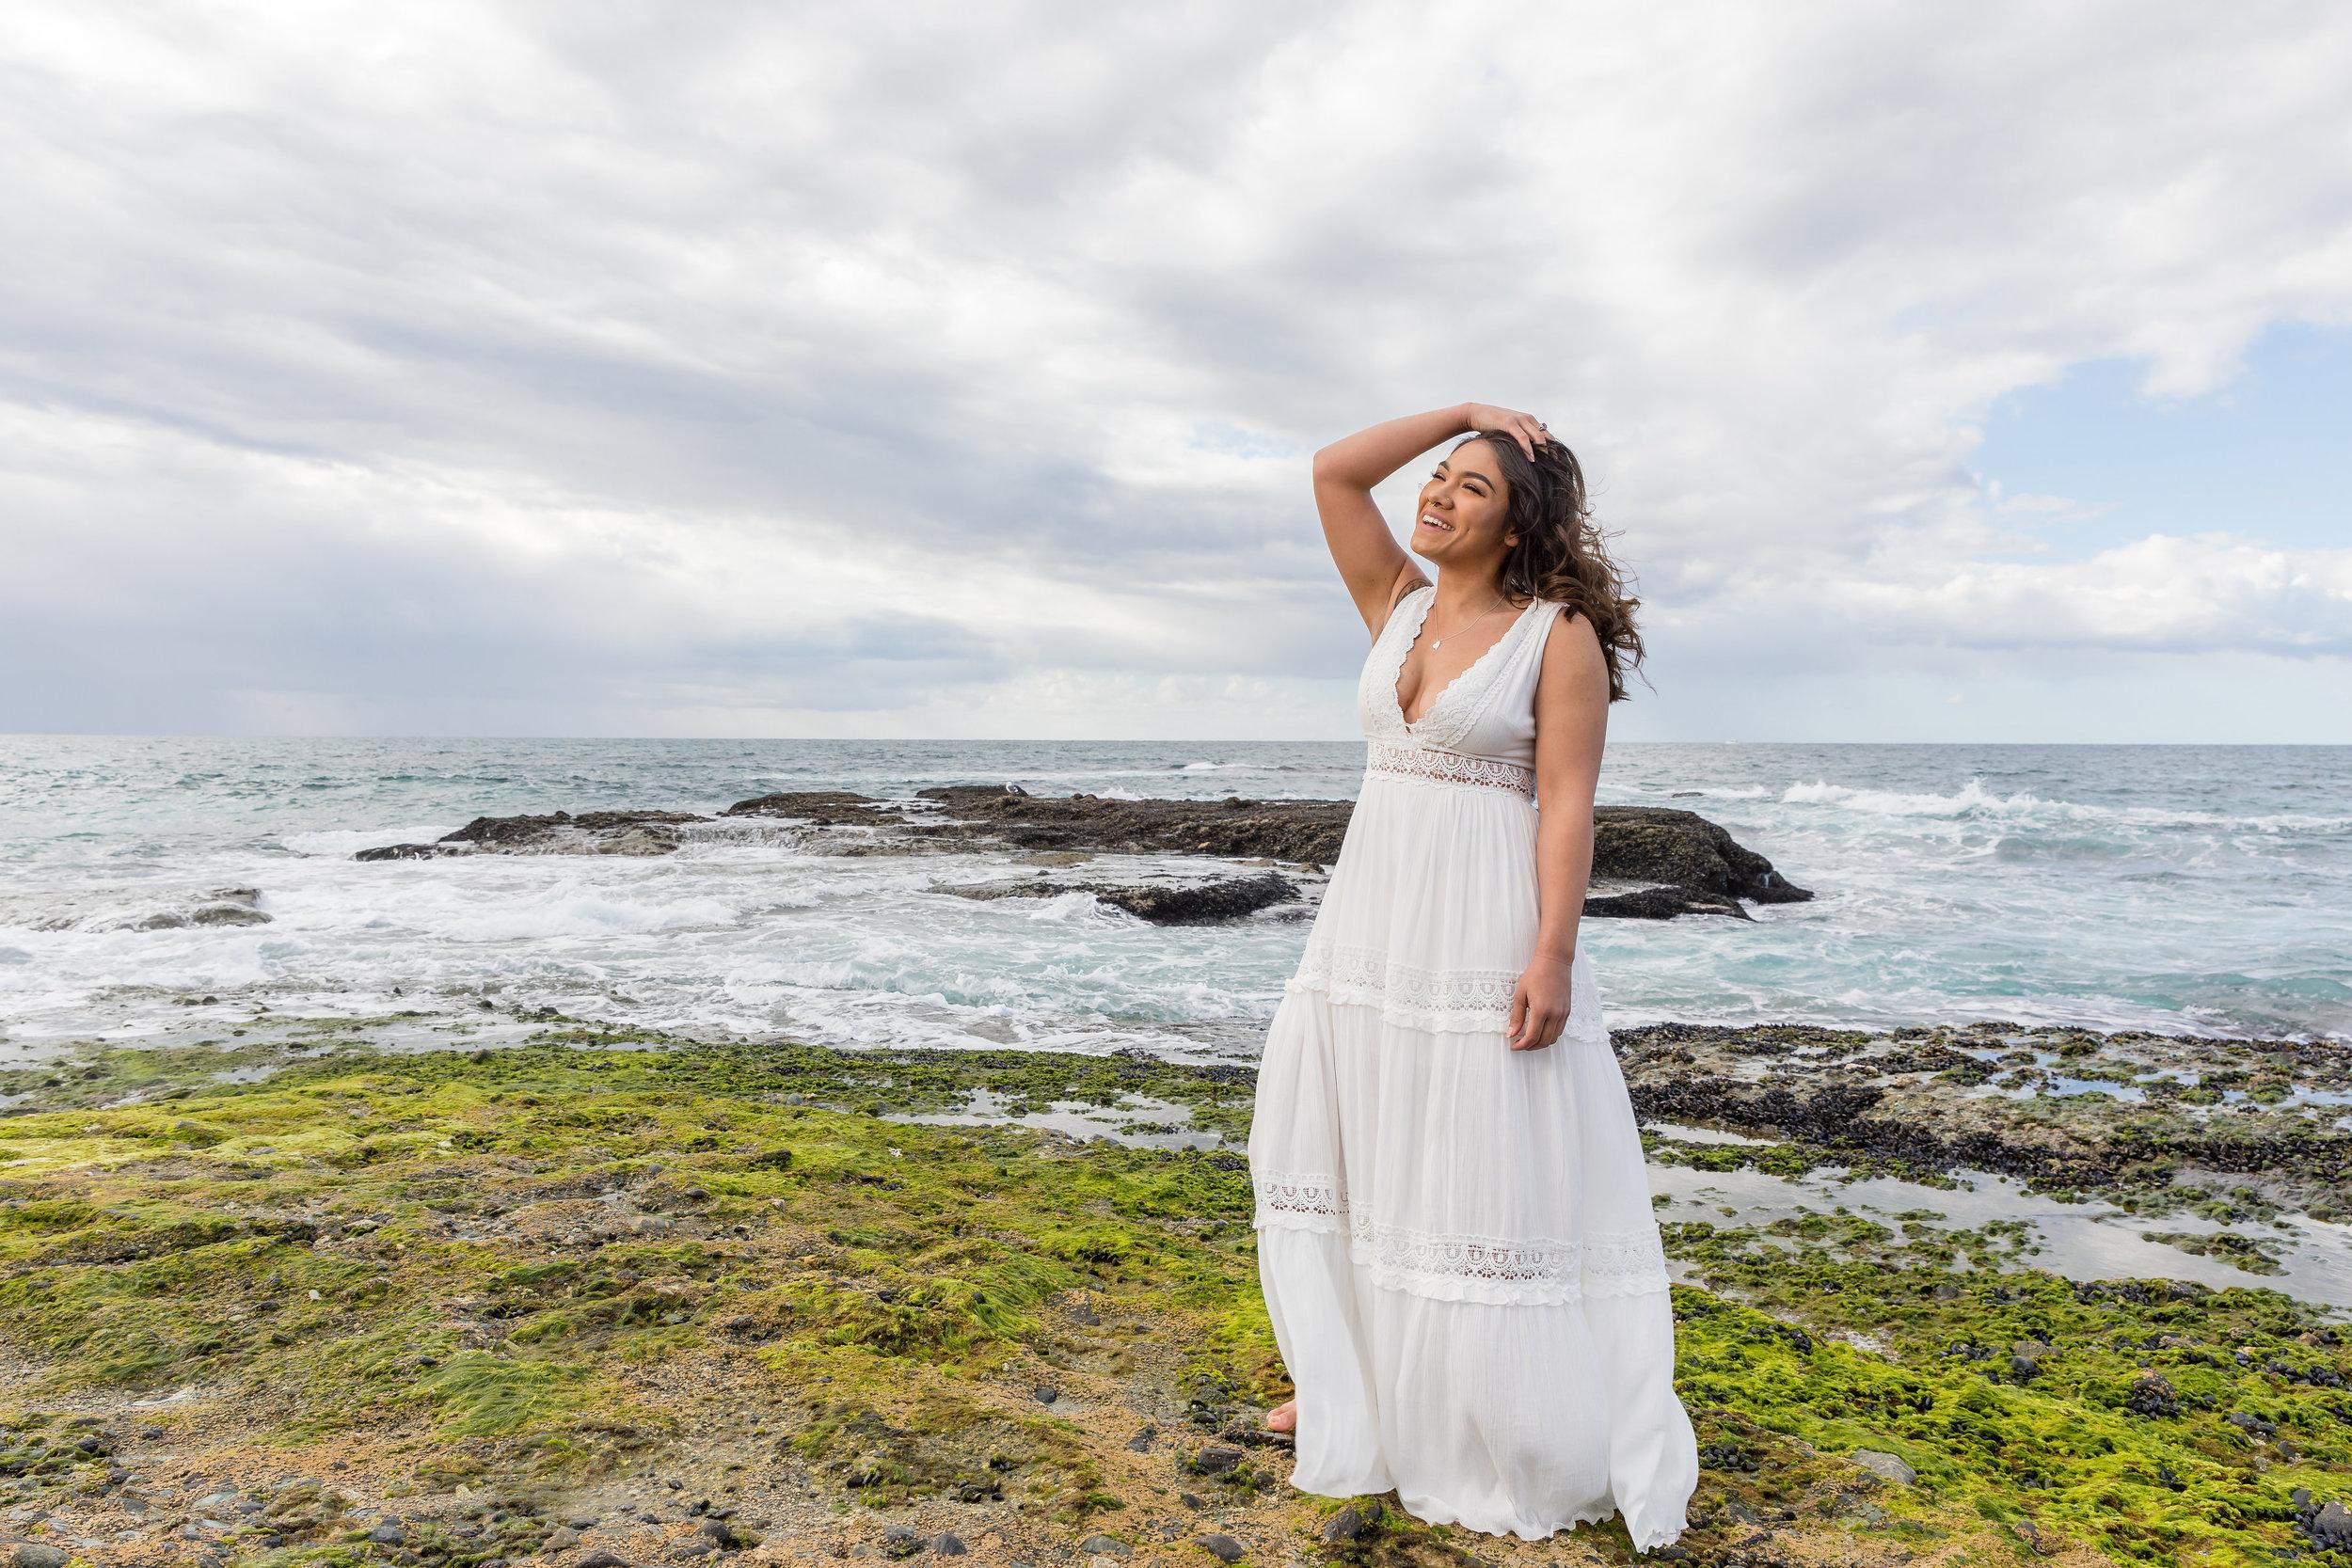 Female Portrait in Long White Dress on the Beach.jpg